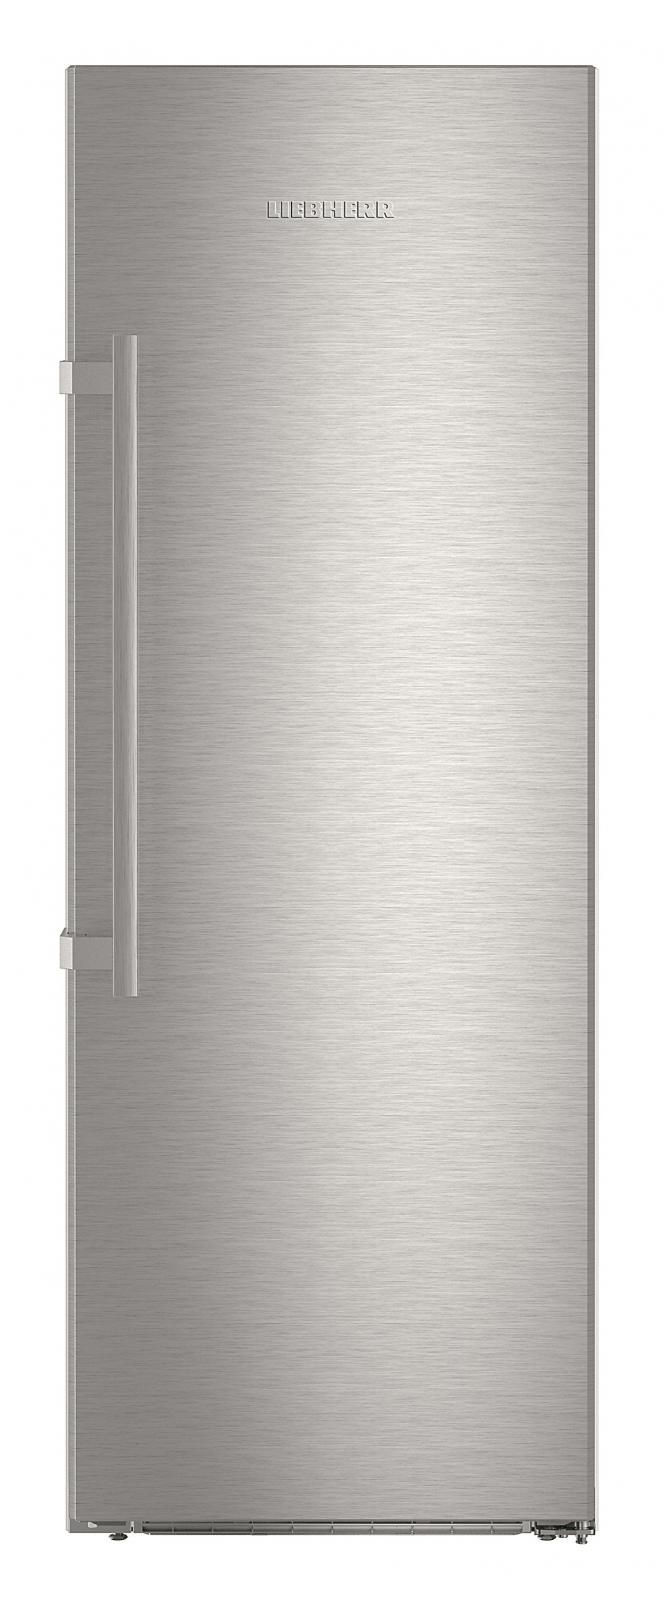 купить Однокамерный холодильник Liebherr Kef 3710 Украина фото 5